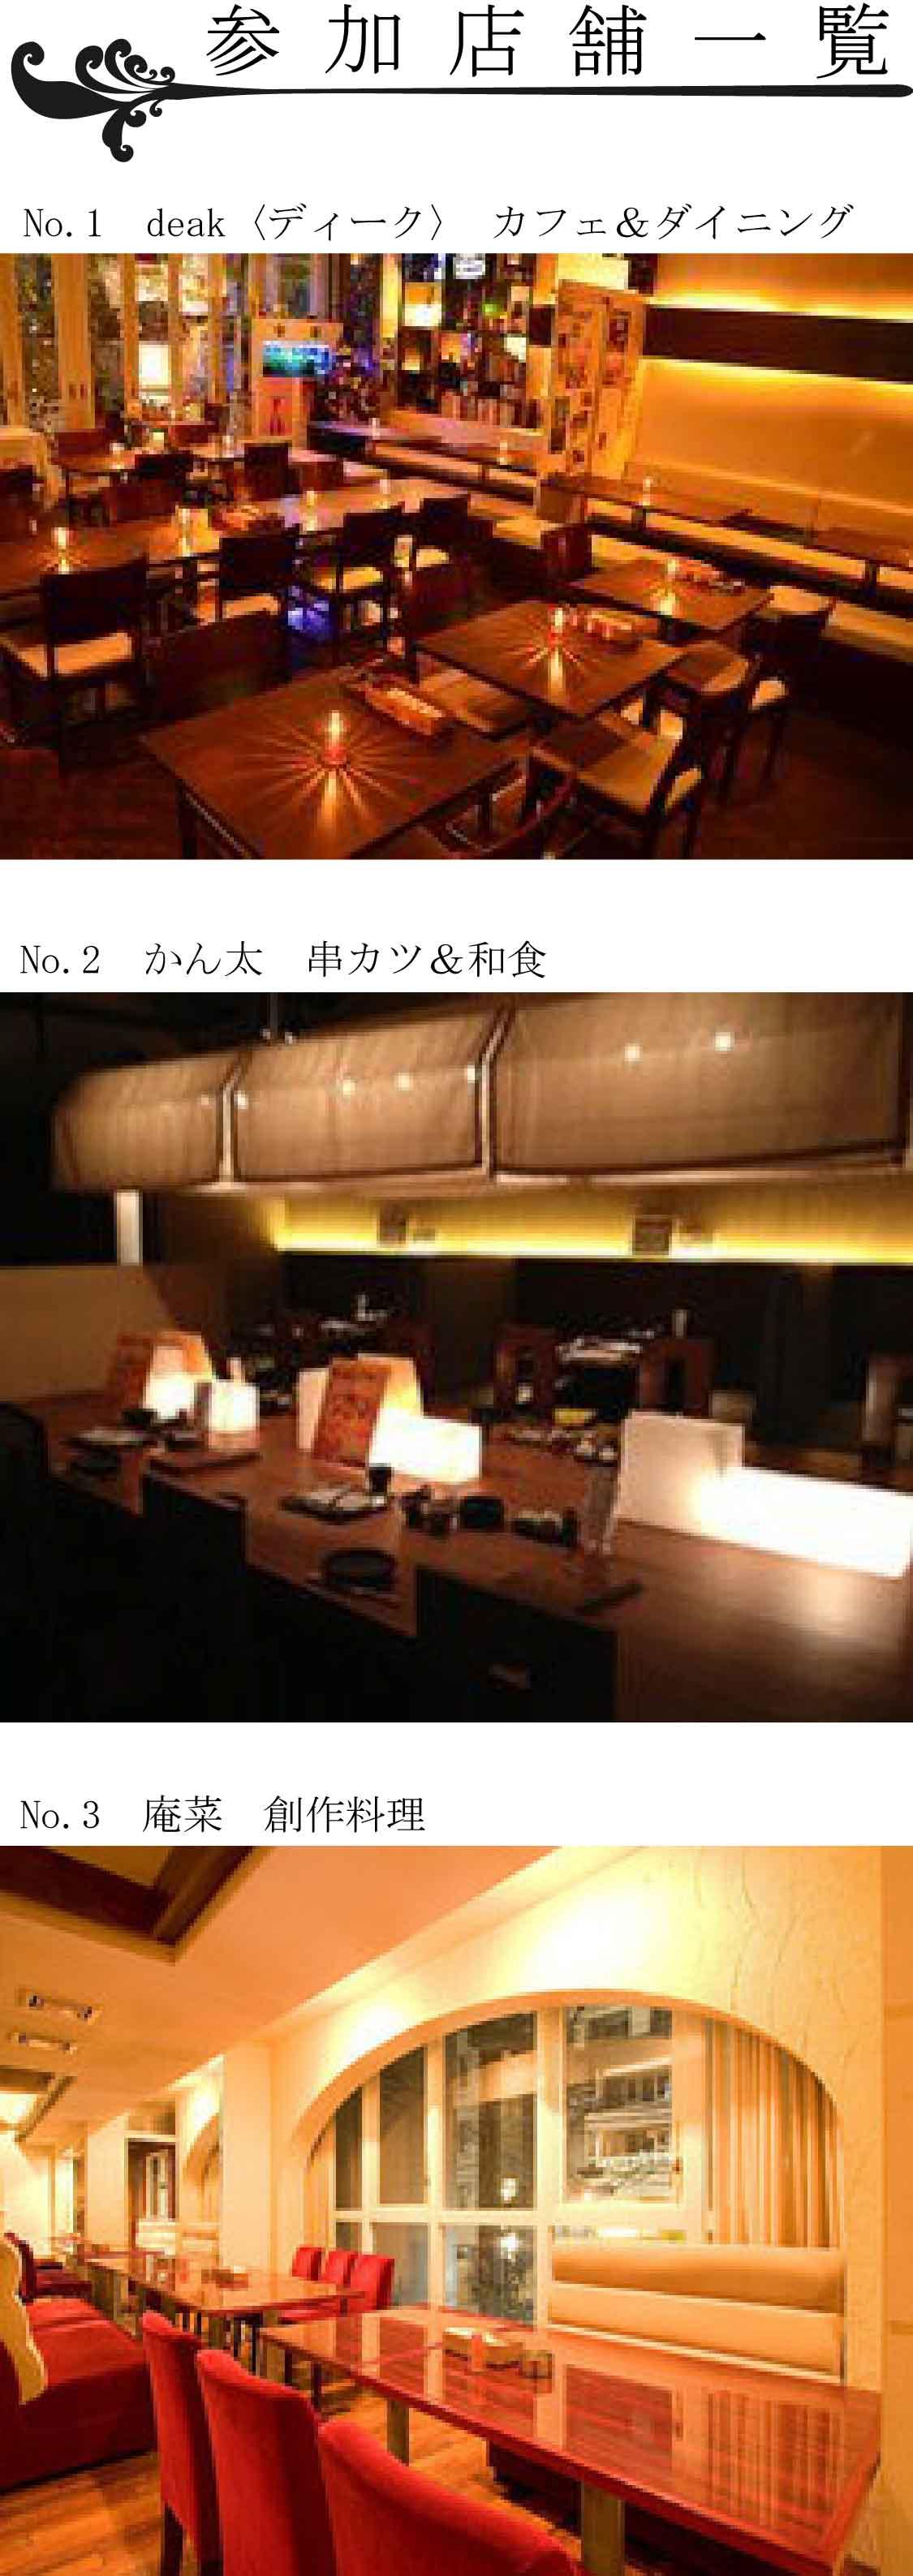 改良本町参加店舗一覧 newhonmachi-hp画像shop